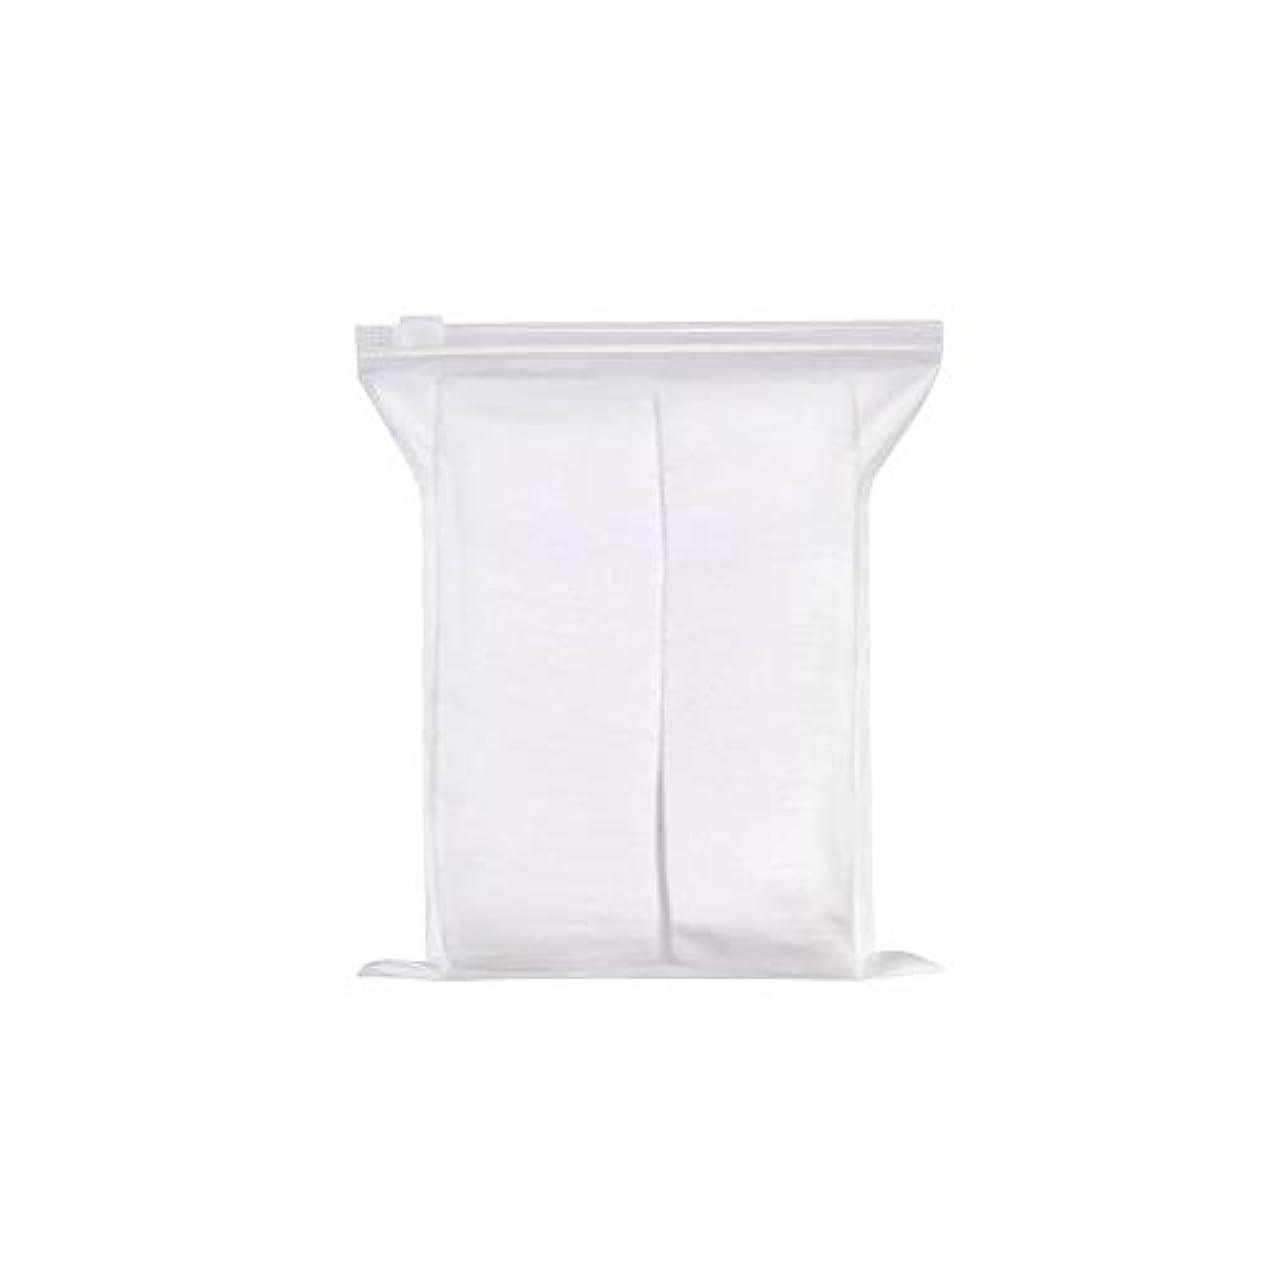 戸口気取らないジョイント240PCSスクエア綿の綿の除去、顔のメイクアップリムーバーパッド